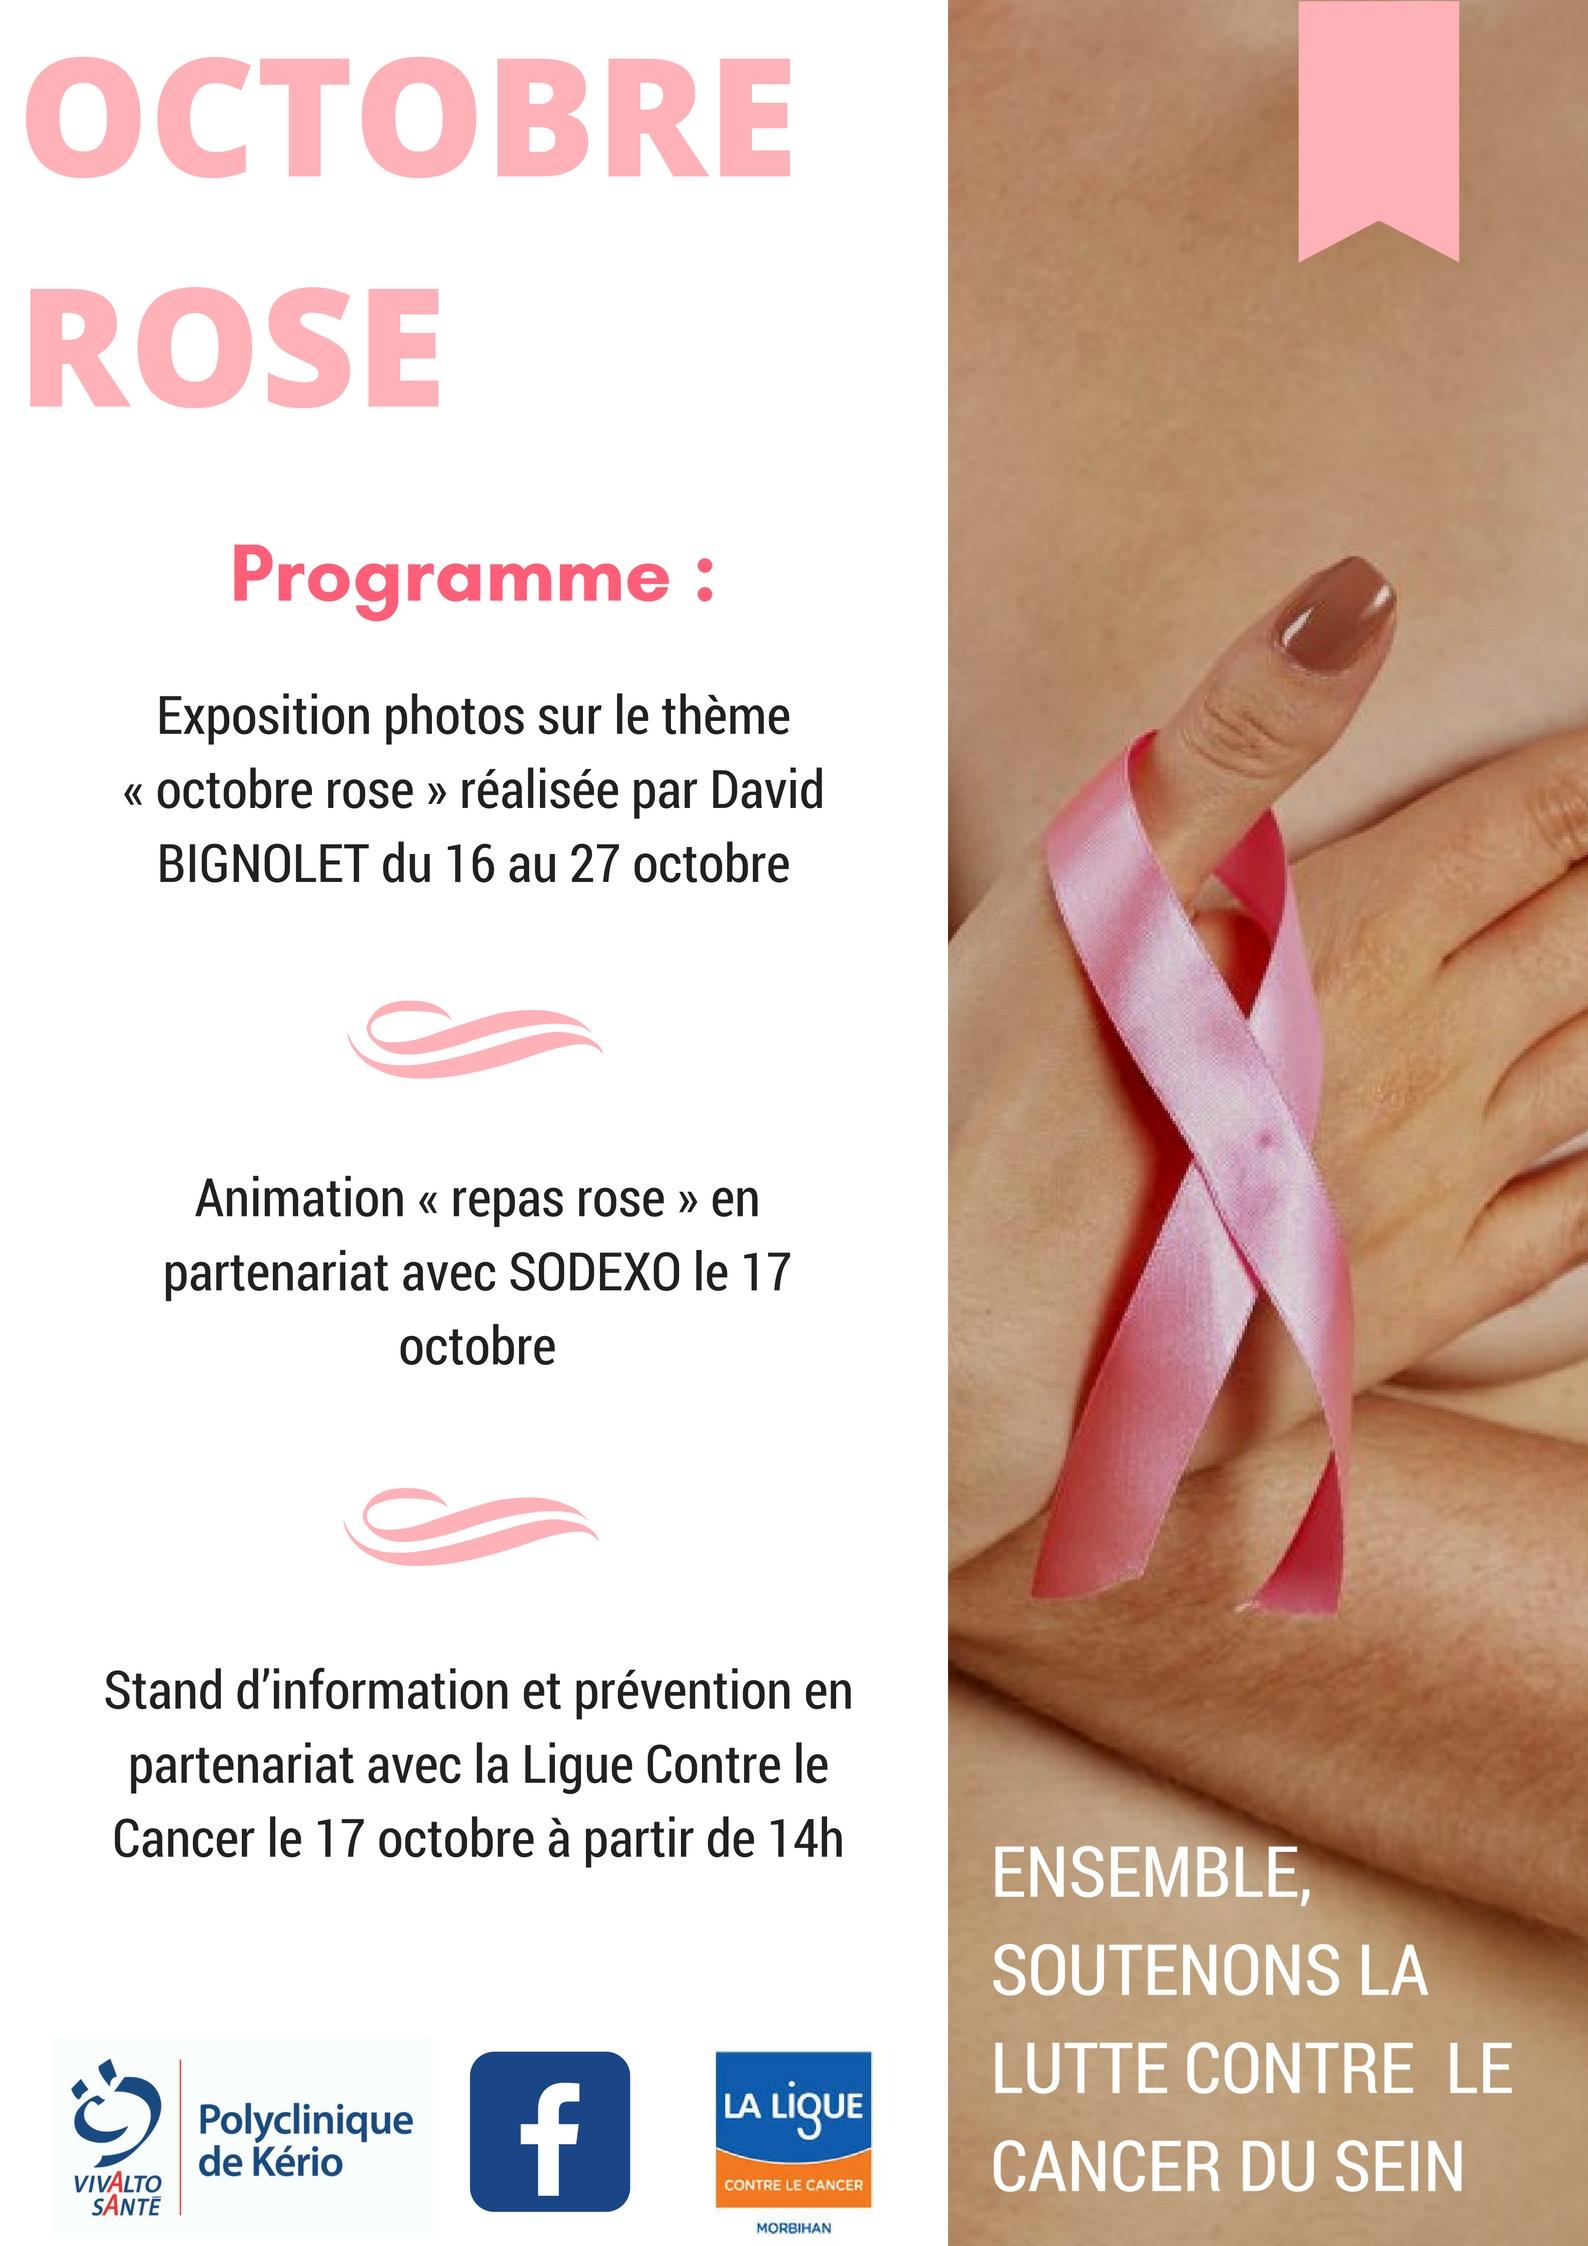 Octobre rose, mois de sensibilisation sur le dépistage du cancer du sein